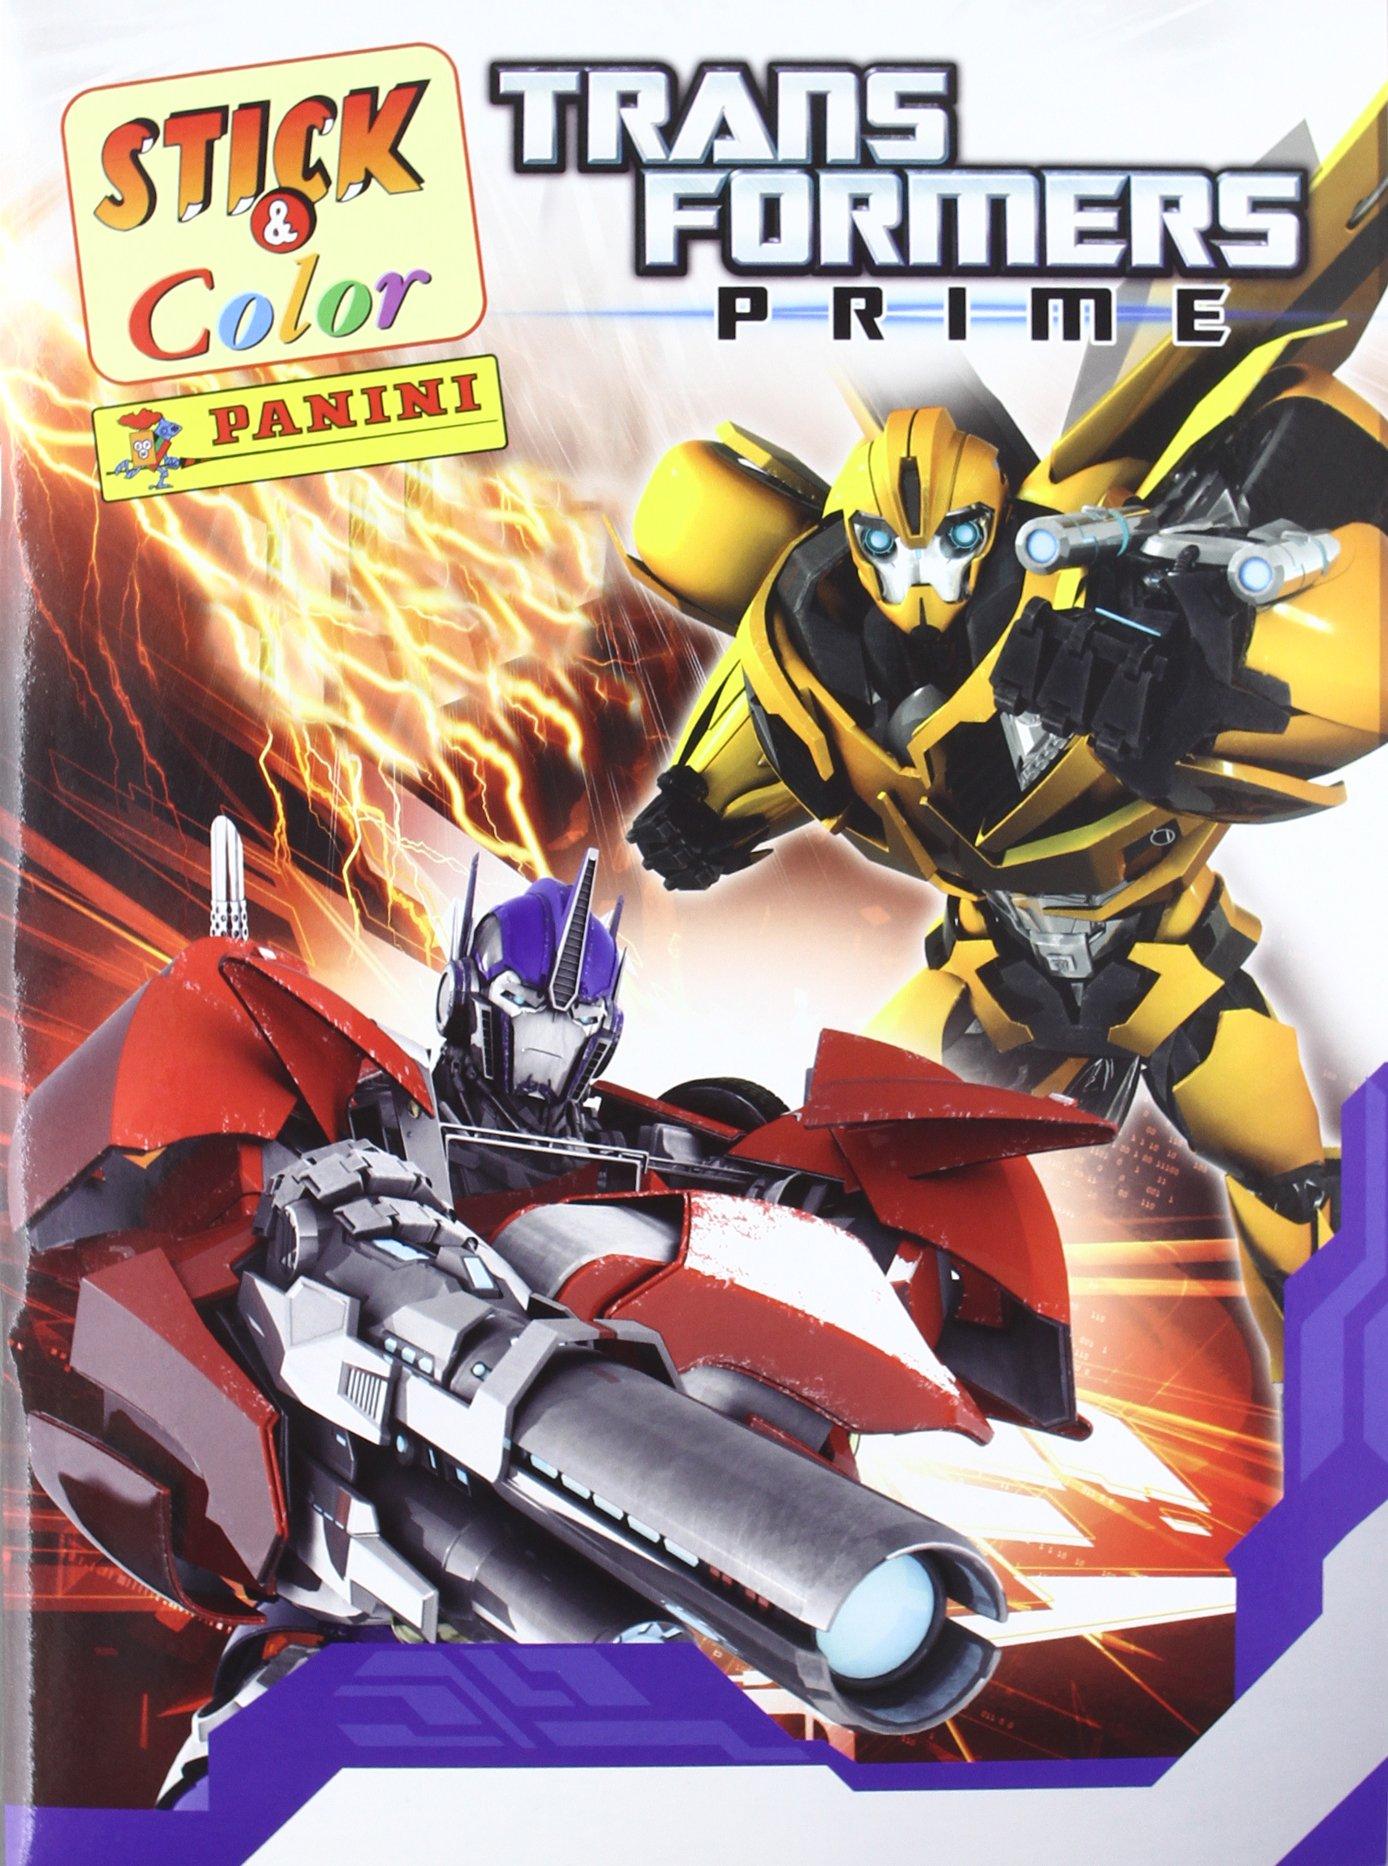 Transformers Prime. Stick & Color: Amazon.es: VV.AA.: Libros en idiomas extranjeros